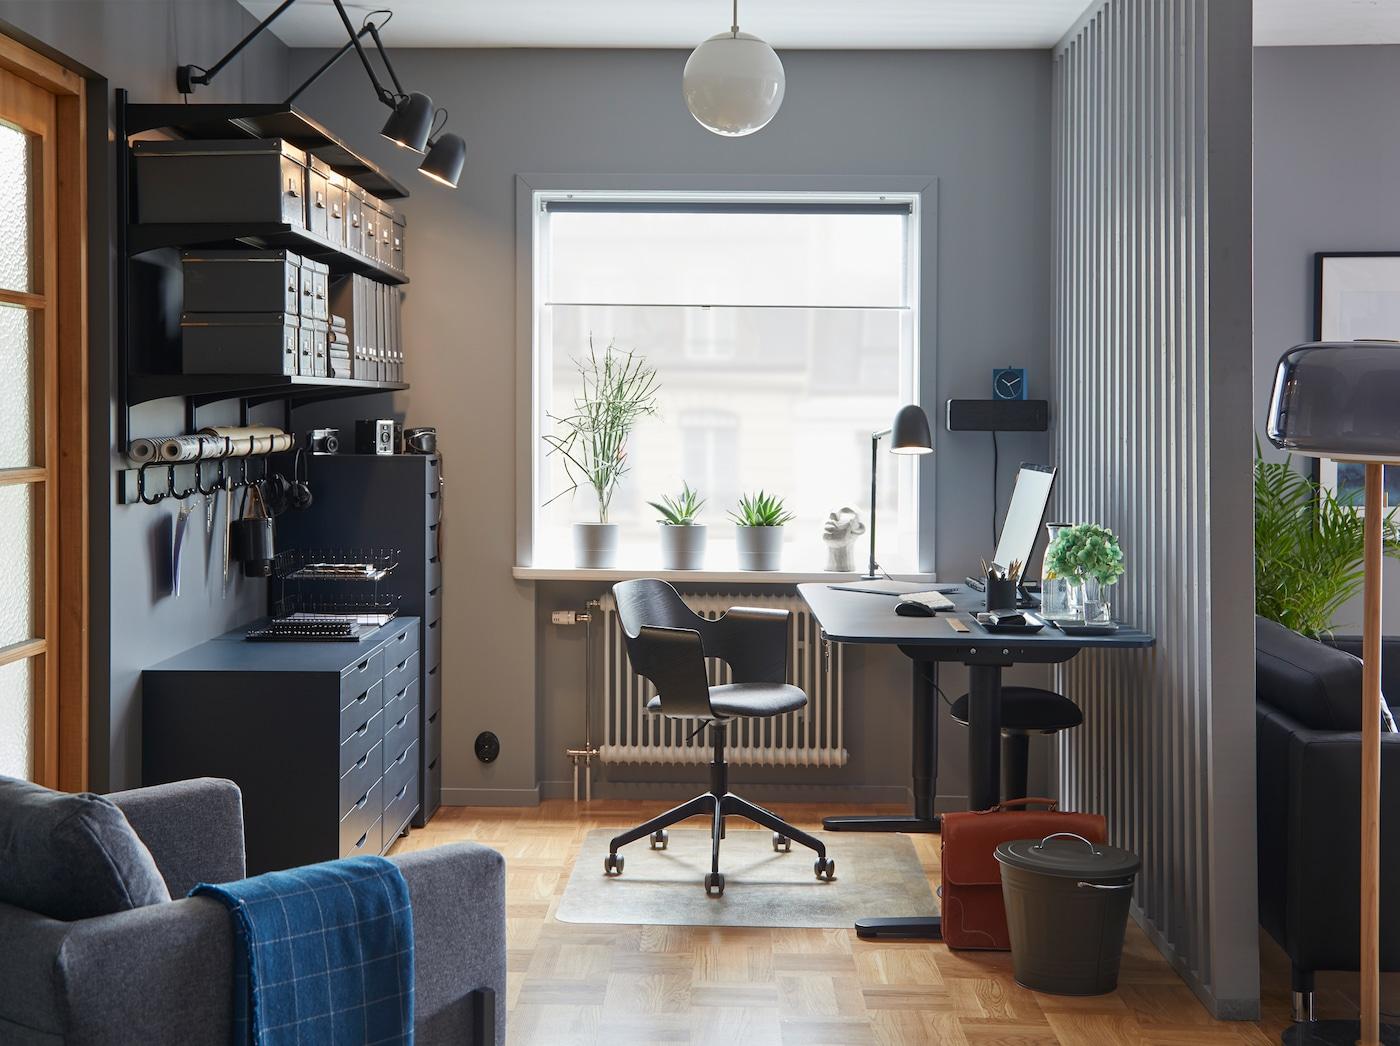 BEKANT مكتب جلوس/وقوف أزرق/أسود بمشمع ضمن مساحة عمل ذات ألوان منسقة في مكتب منزلي مع كرسي اجتماعات وتخزين.